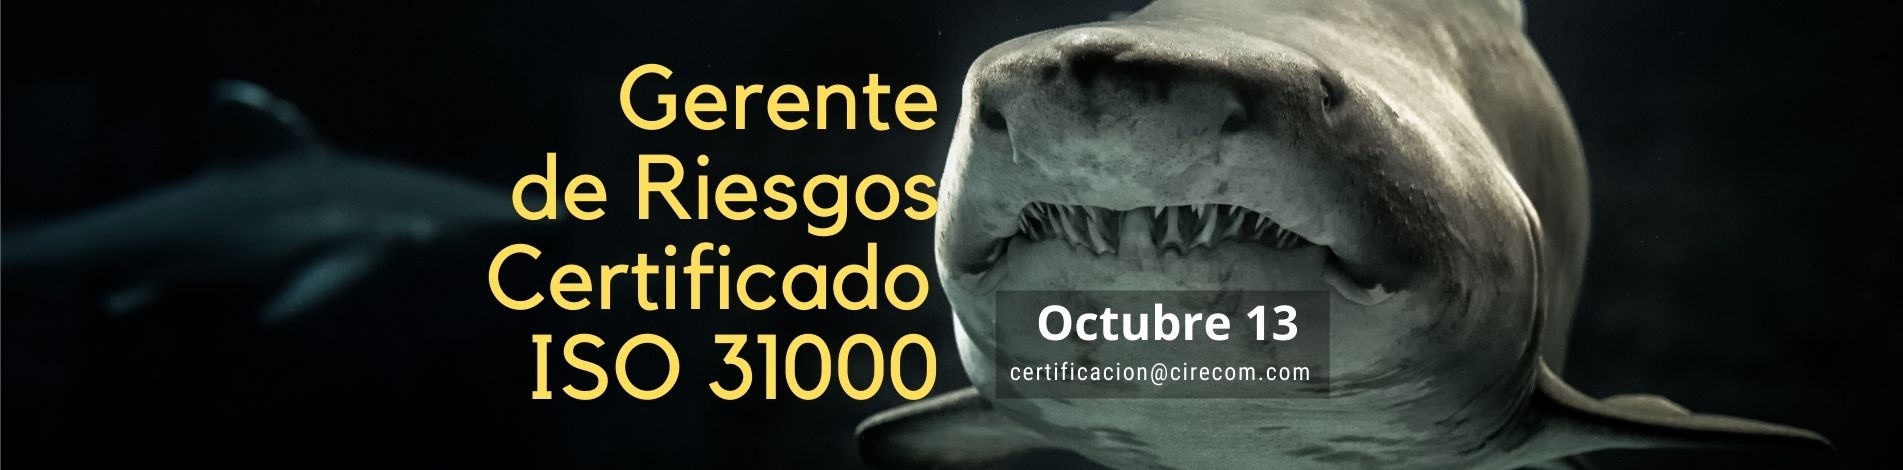 Gerente de Riesgos ISO 31000 Octubre 13